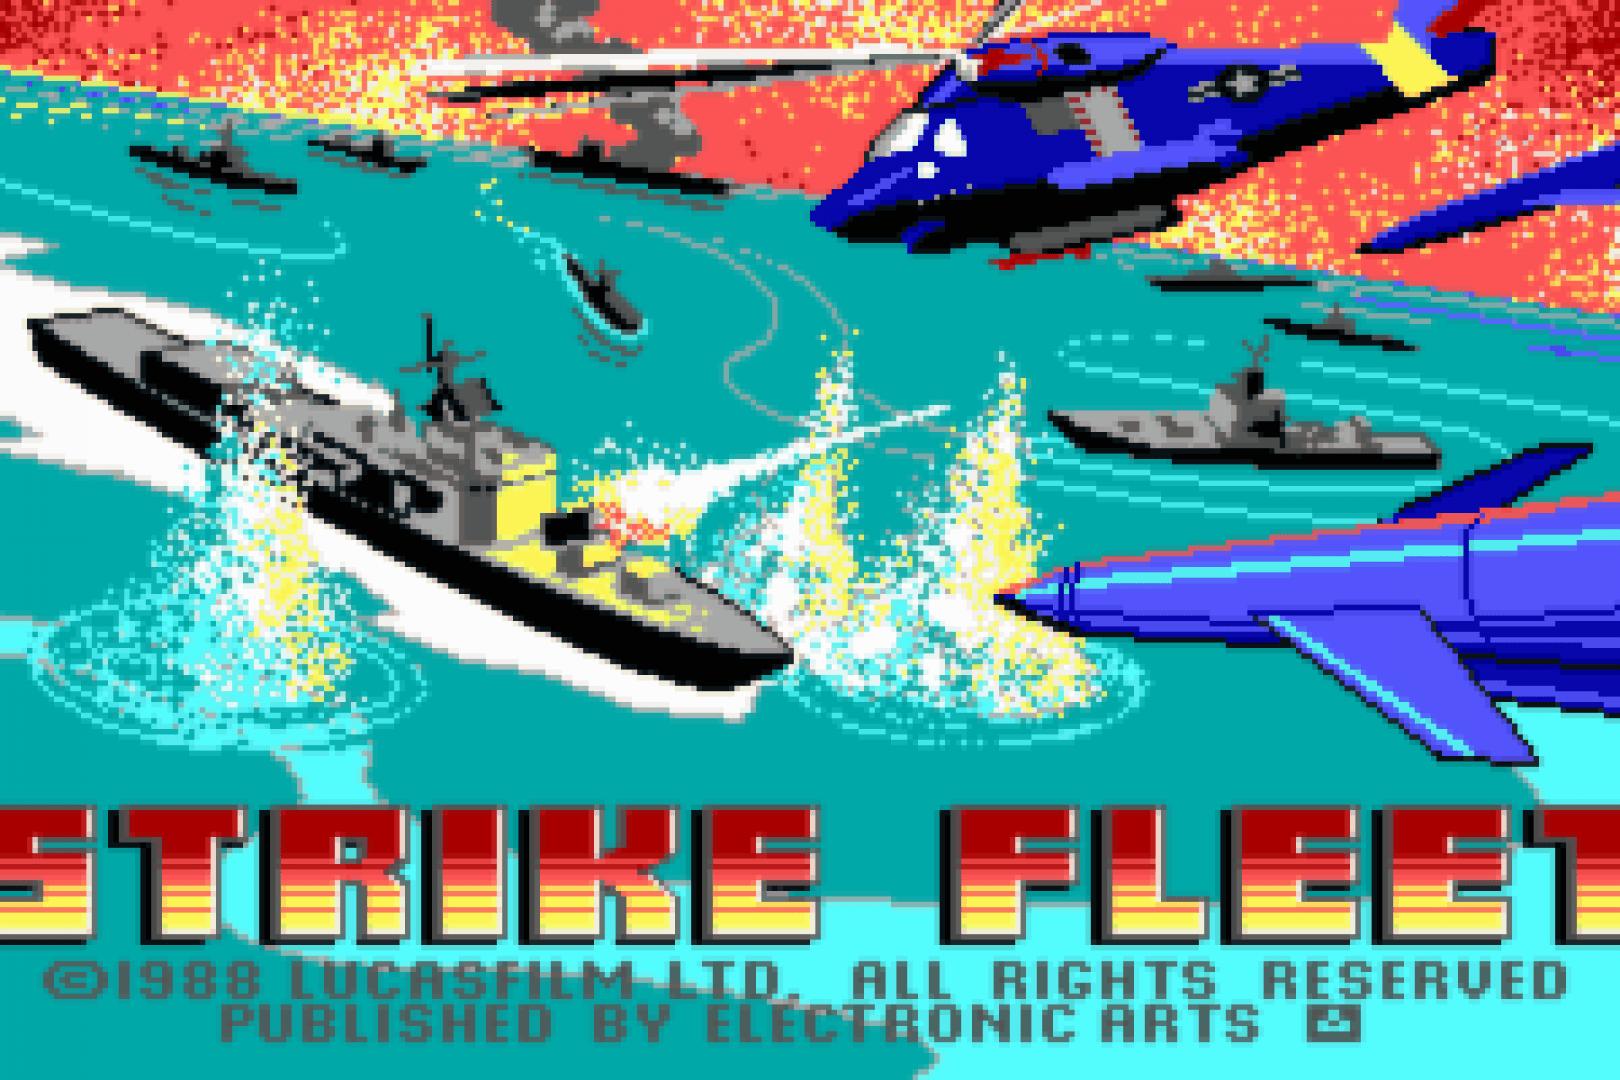 Strke Fleet